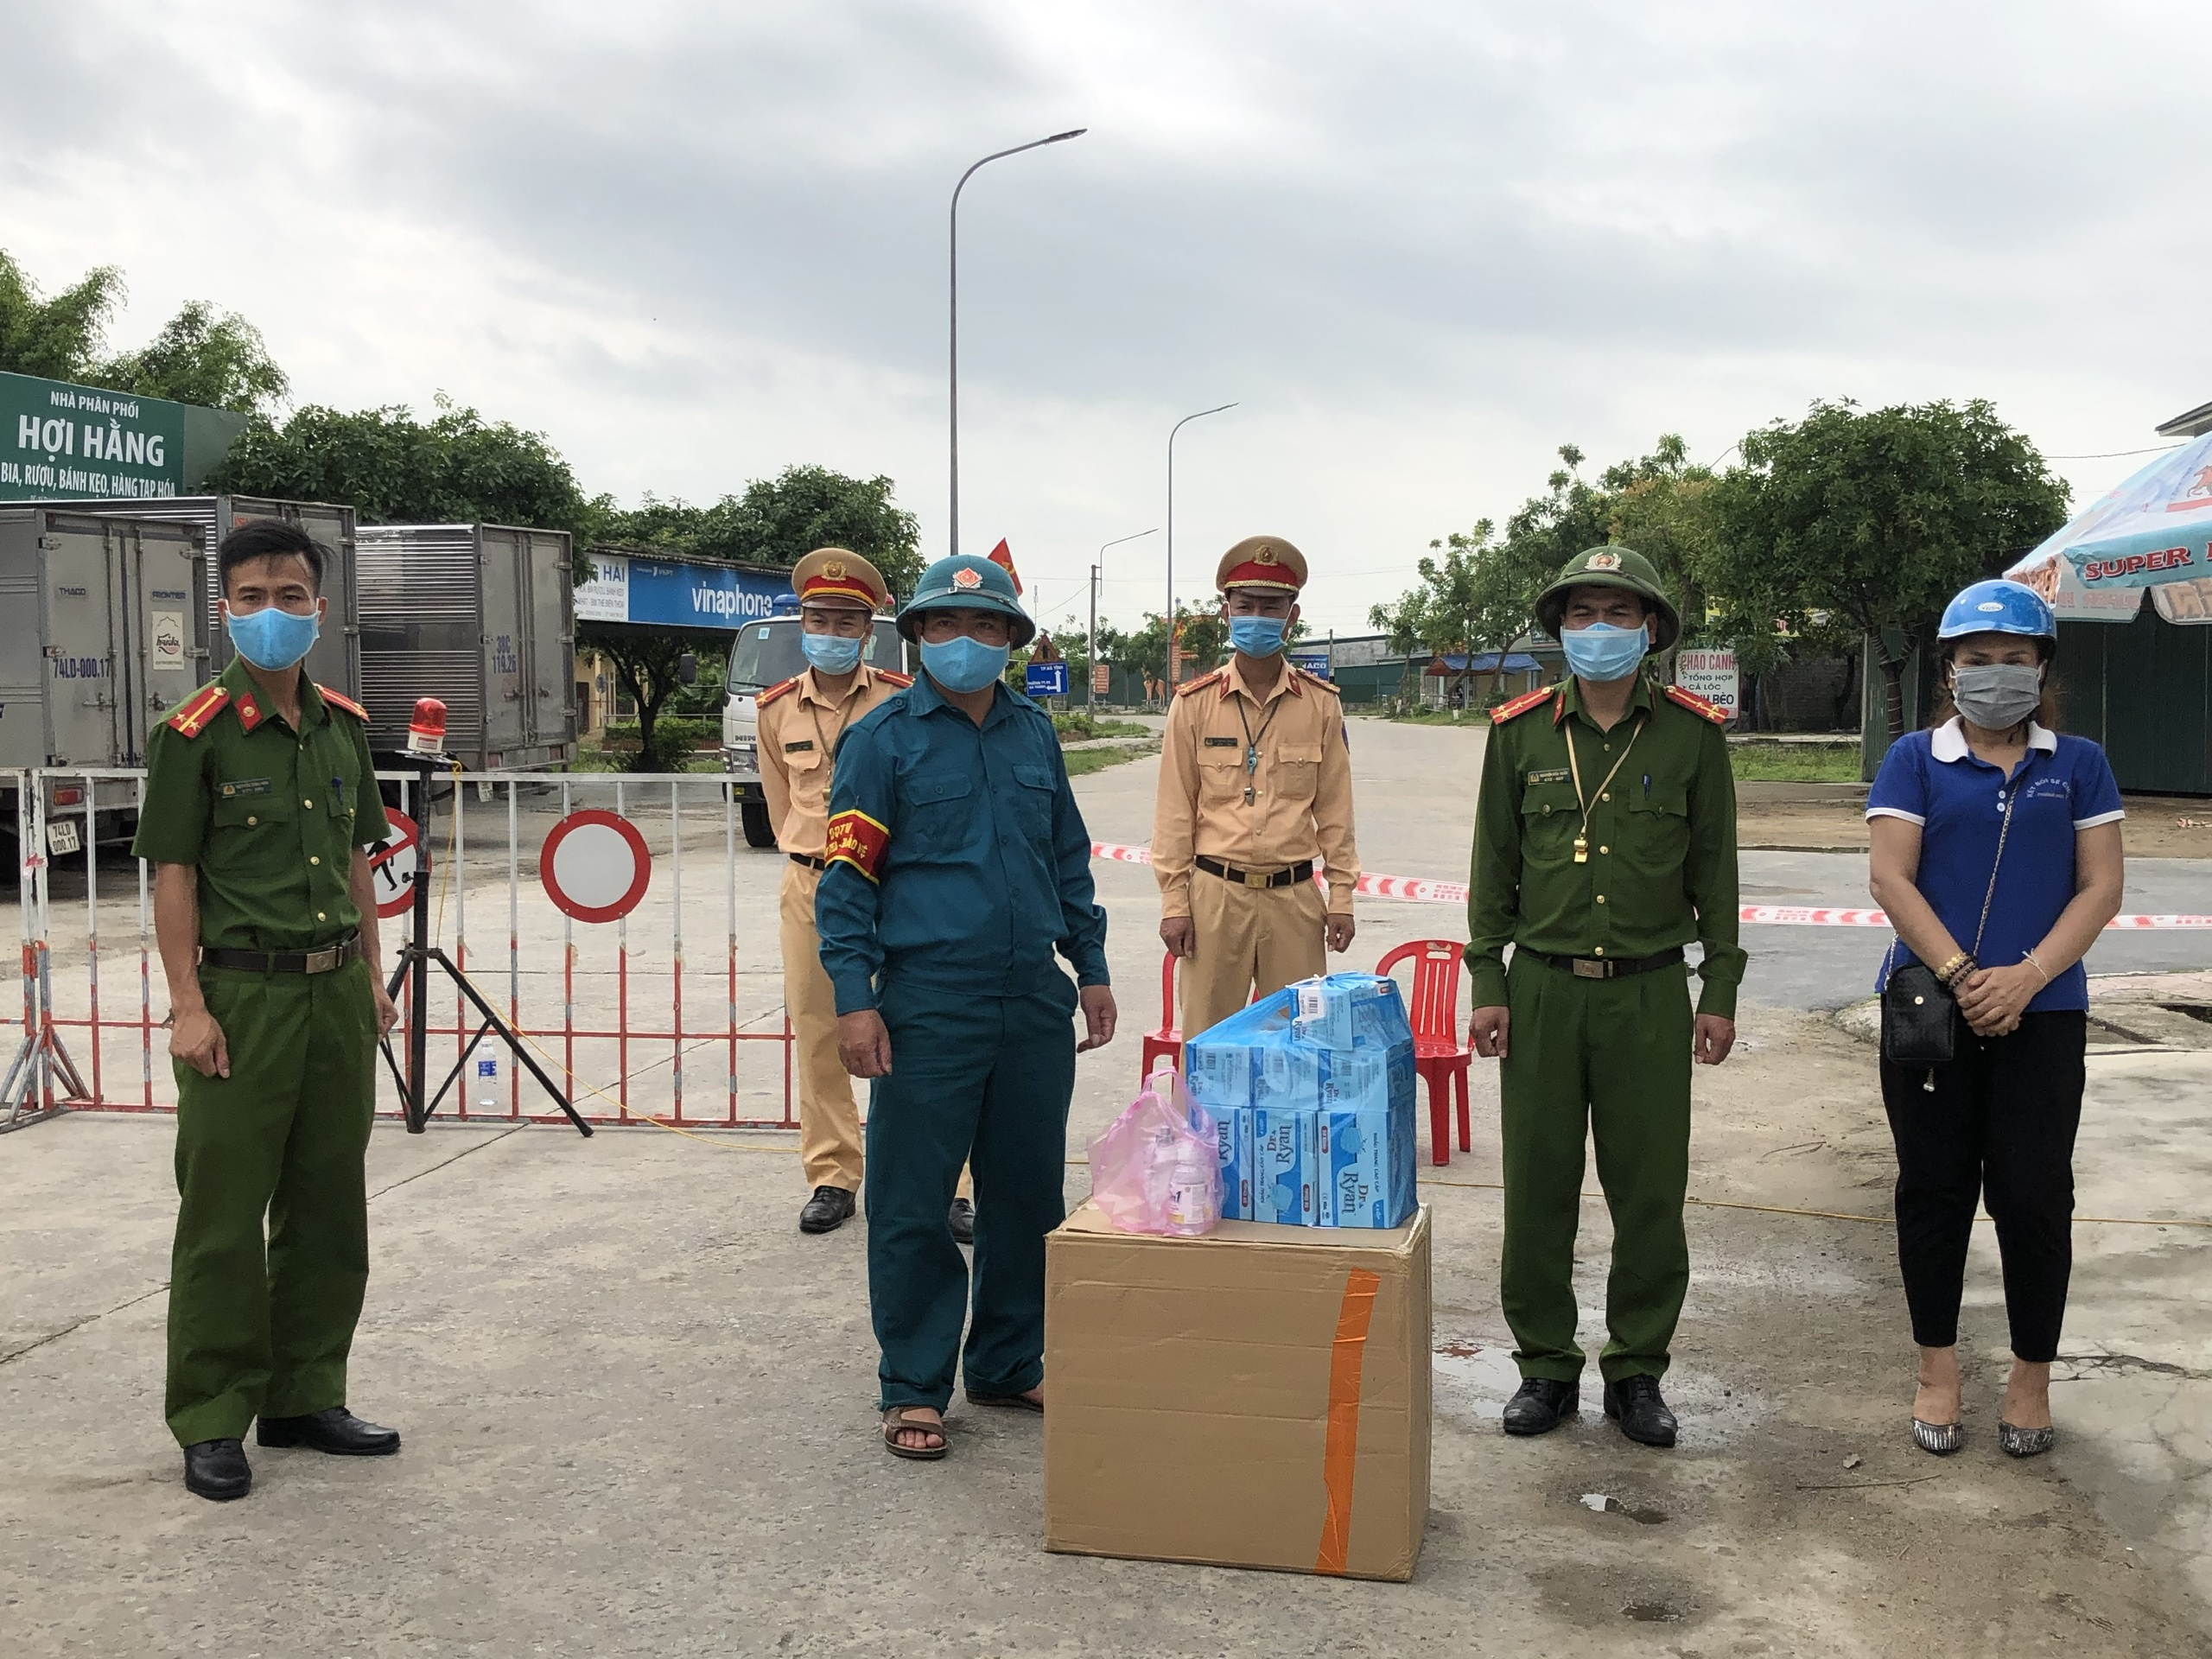 CLIP - ẢNH: Phong toả 2 thôn (xã Tượng Sơn và Việt Tiến, Hà Tĩnh) có trường hợp dương tính với Covid-19 - Ảnh 14.